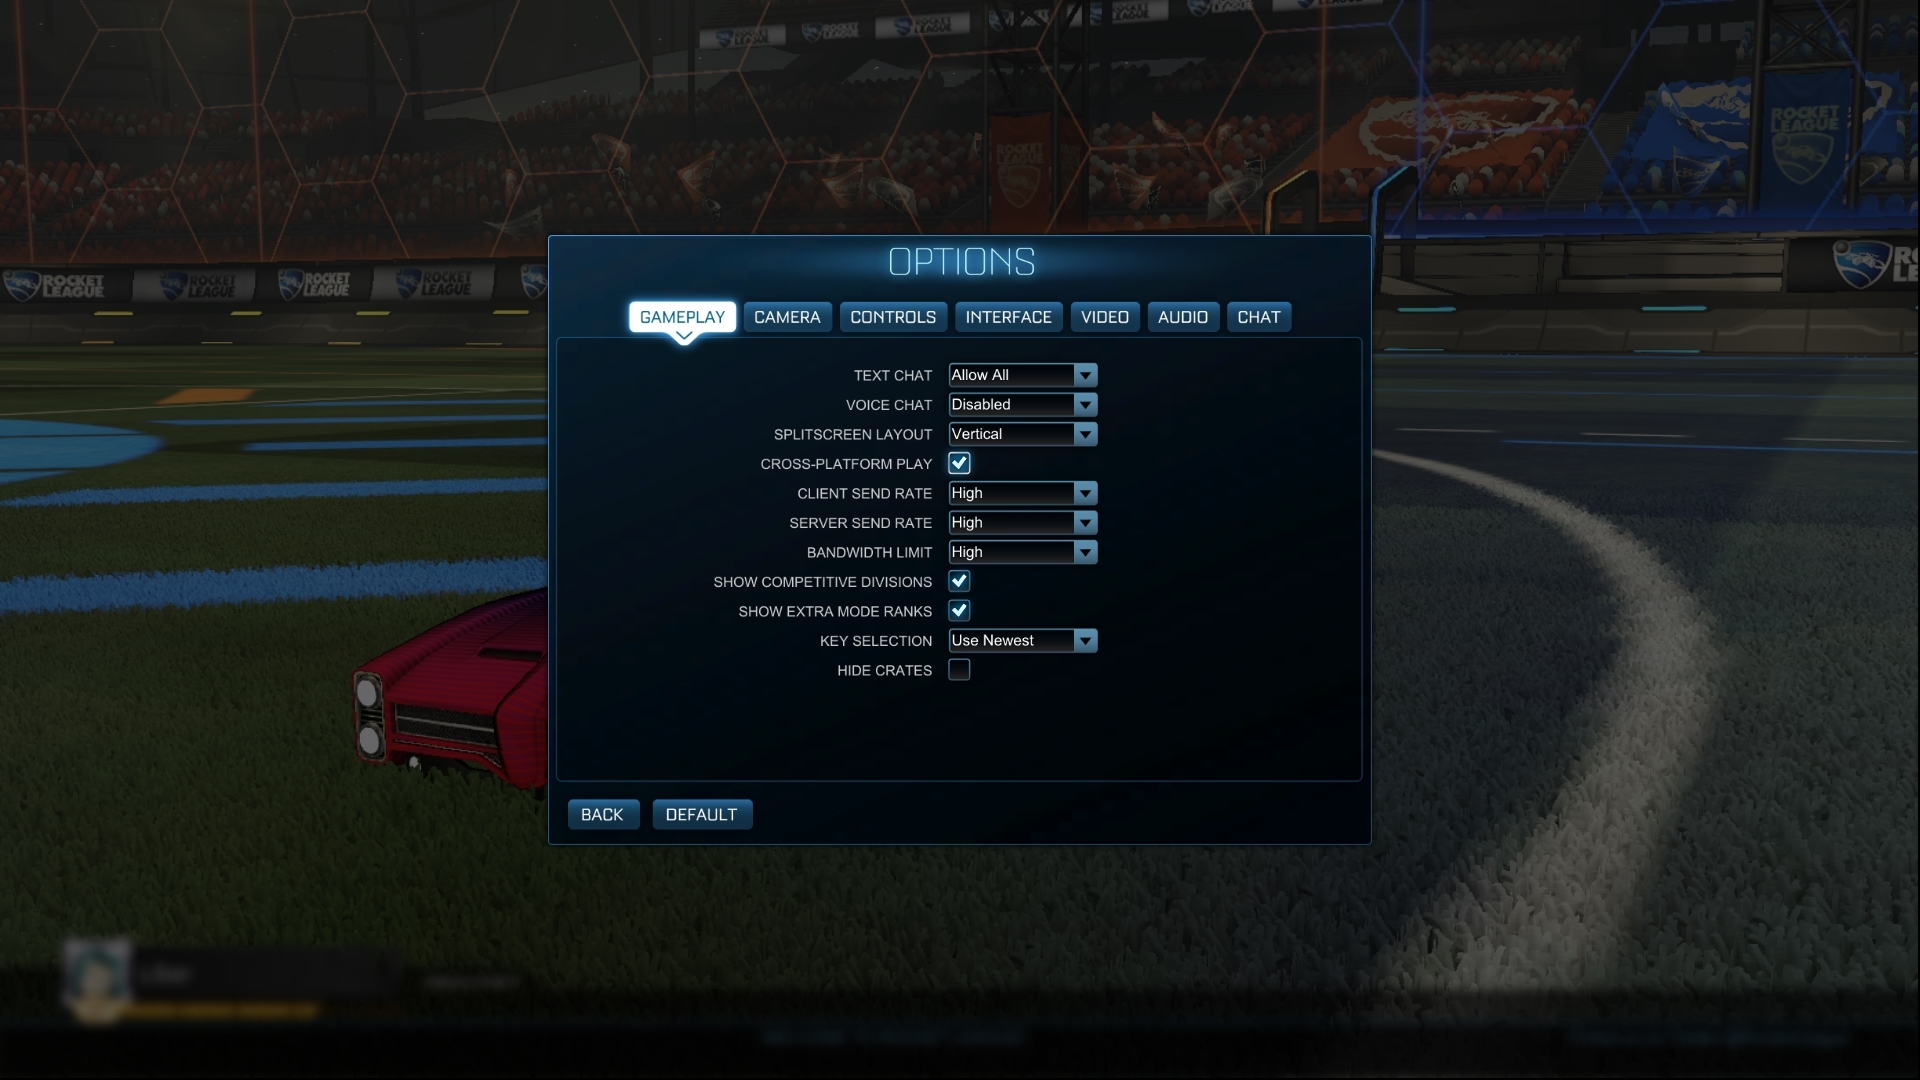 El juego cruzado o cross-play puede activarse y desactivarse en el menú del juego. *Imagen con el lenguaje del juego en inglés.